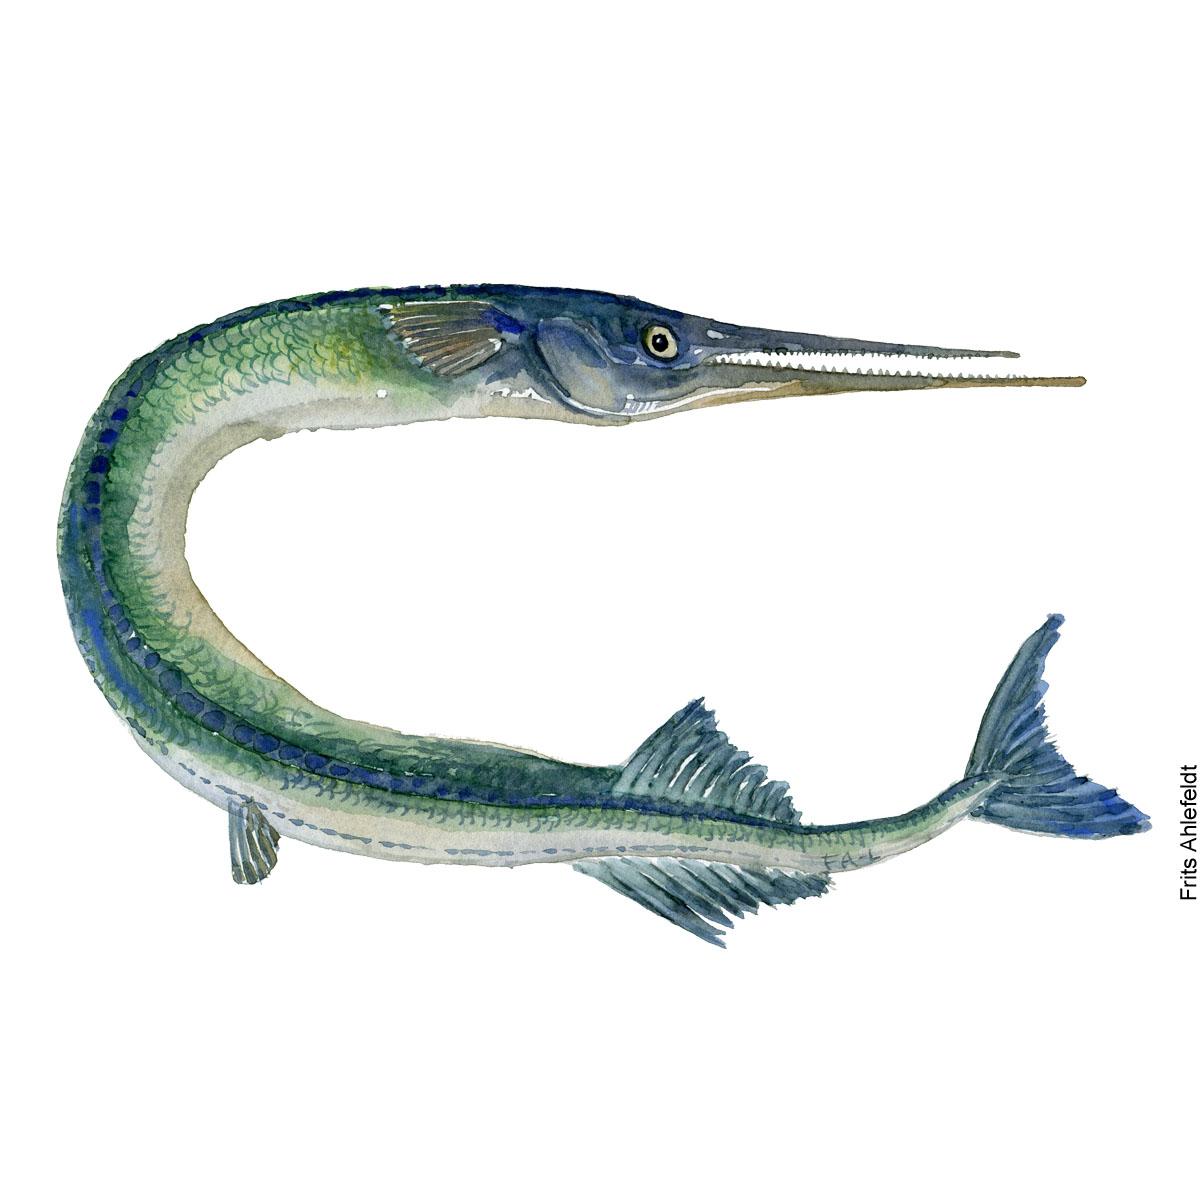 Hornfisk - Akvarel illustration af Frits Ahlefeldt